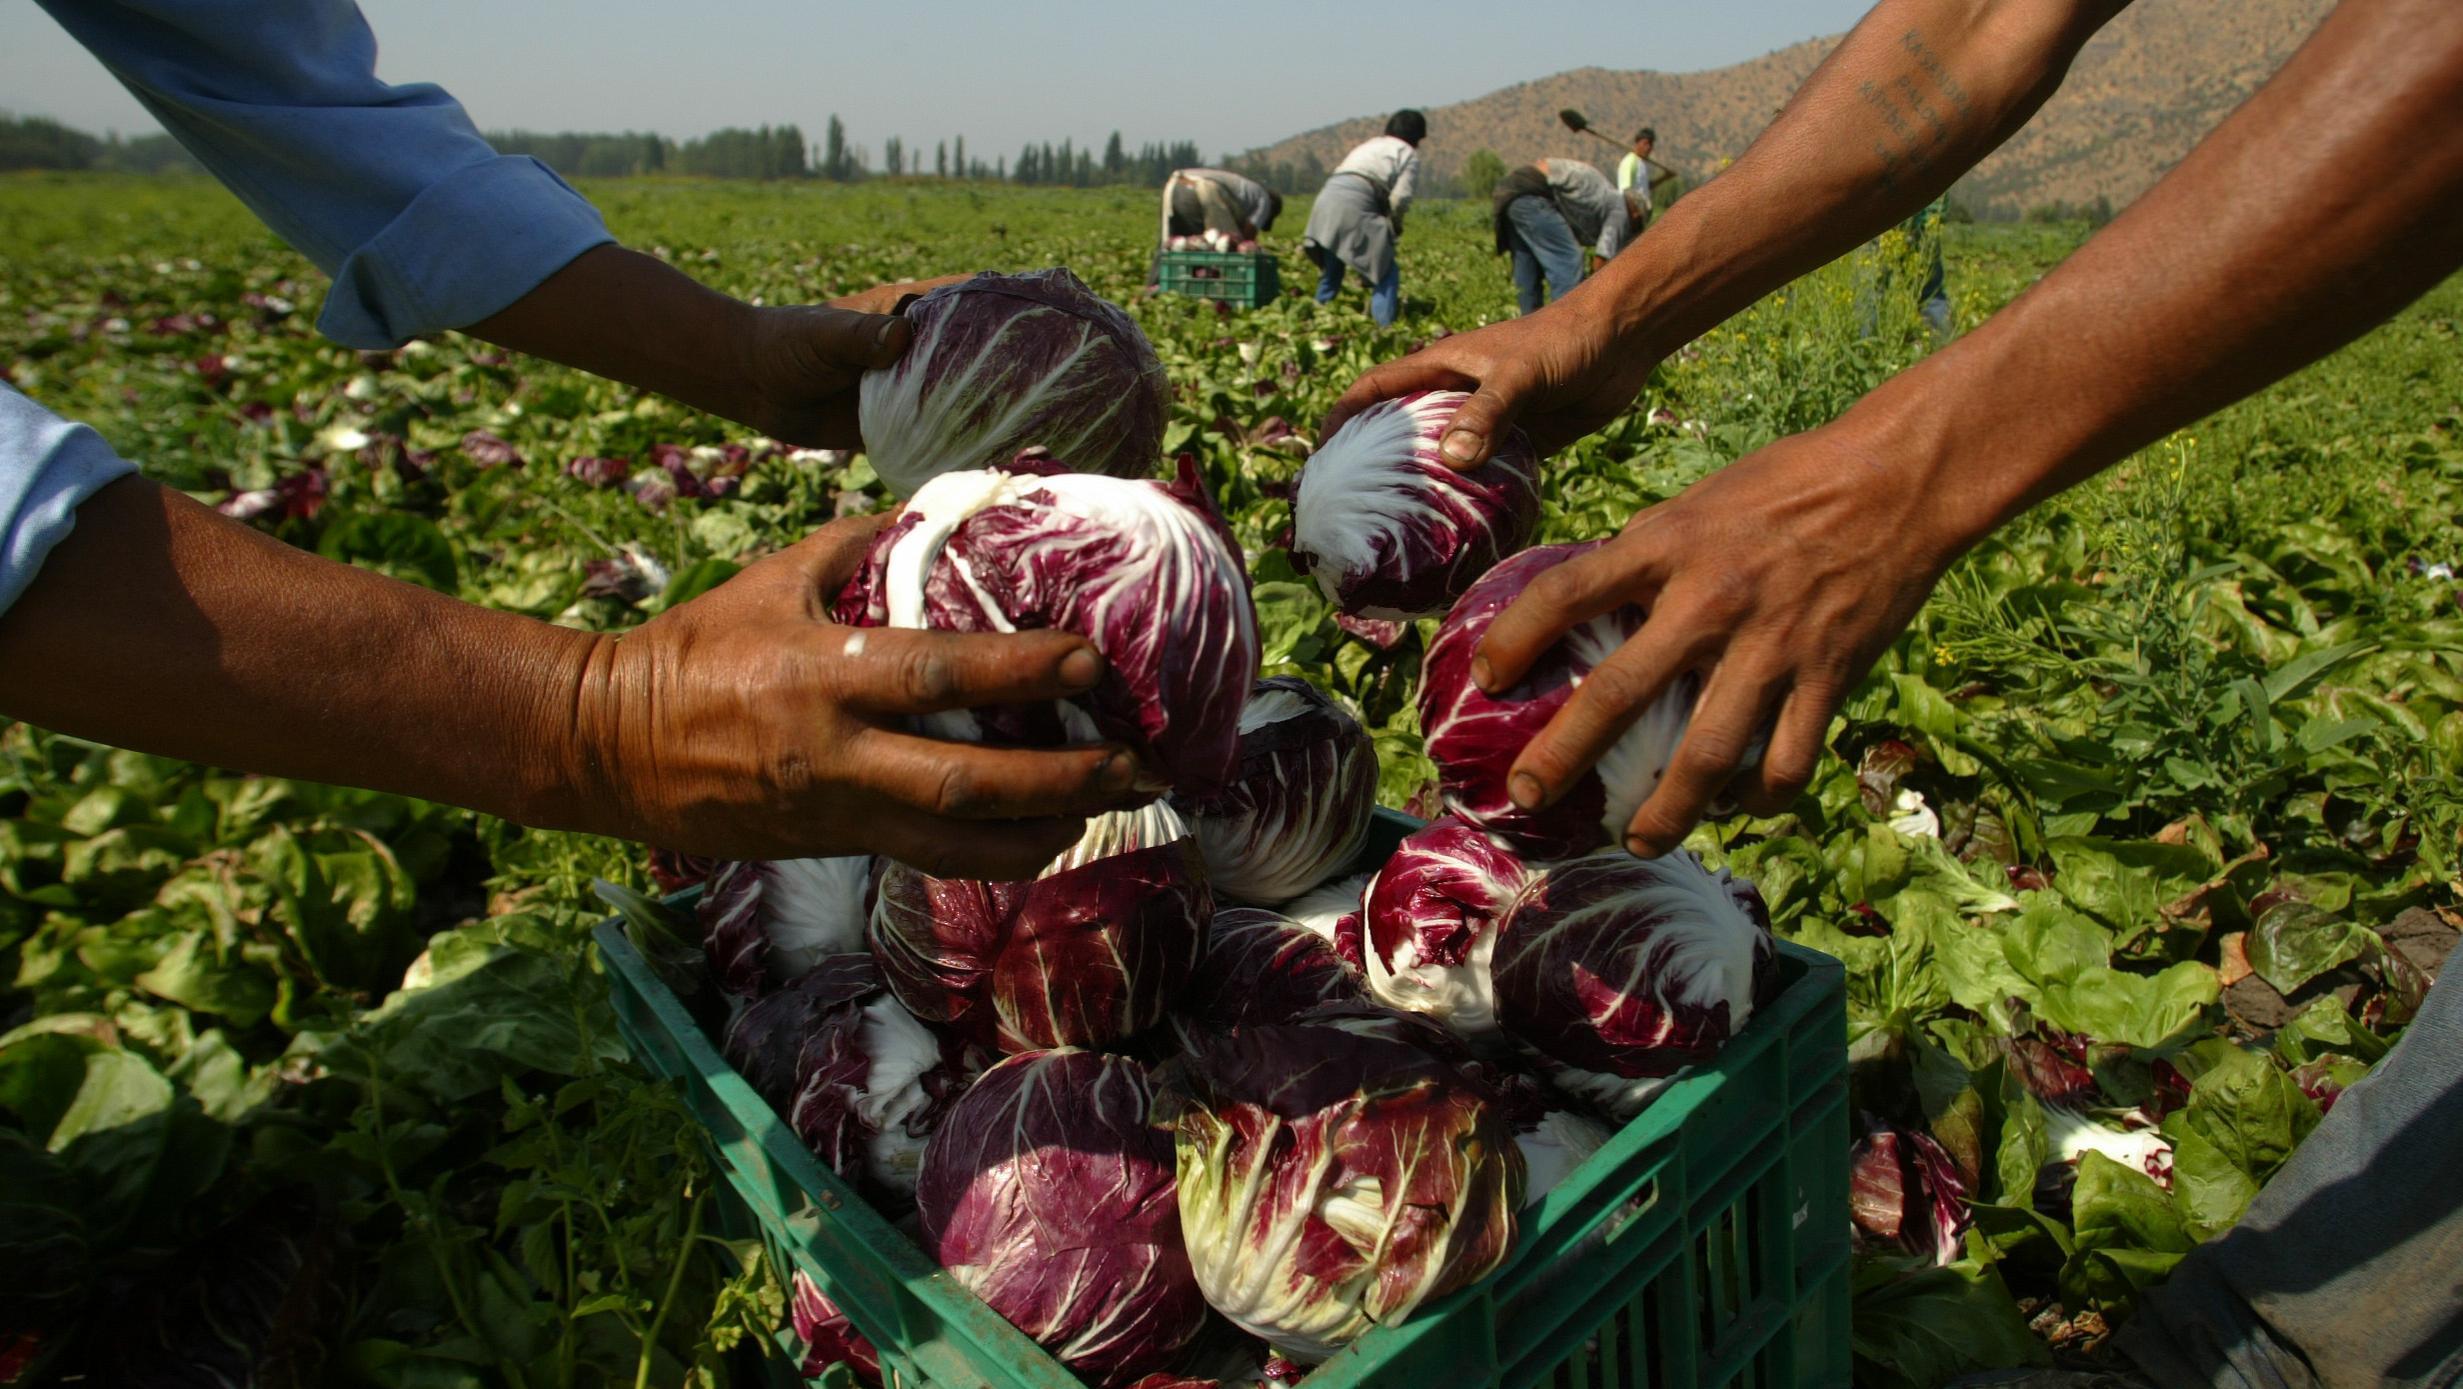 Los precios de la canasta frutihortícola se multiplicaron por 6 veces promedio en octubre.